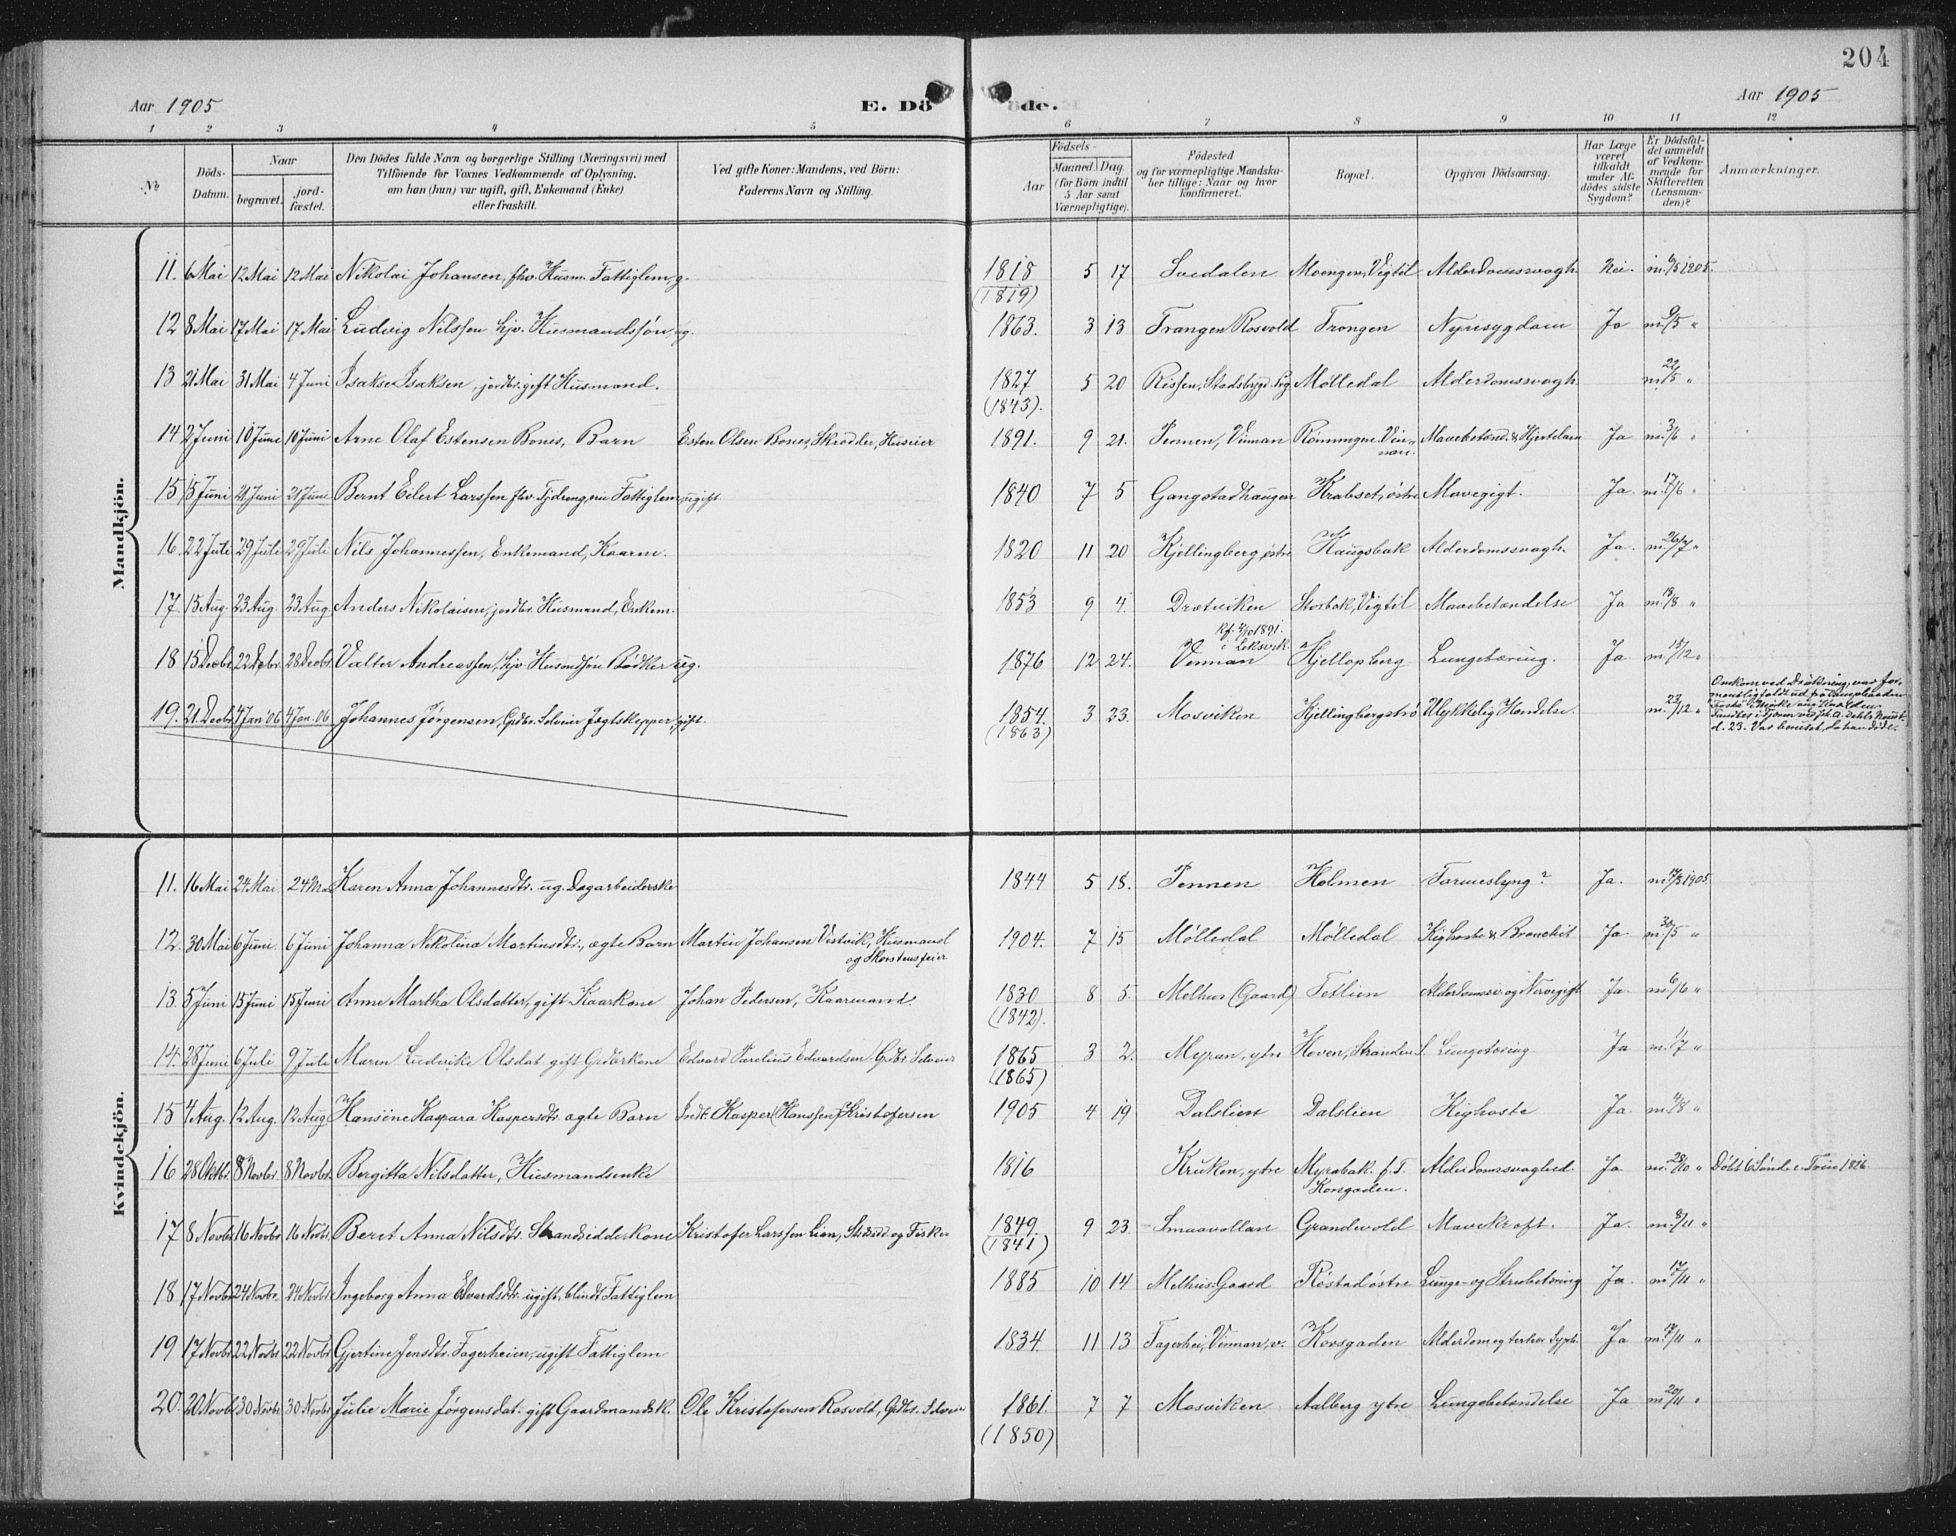 SAT, Ministerialprotokoller, klokkerbøker og fødselsregistre - Nord-Trøndelag, 701/L0011: Parish register (official) no. 701A11, 1899-1915, p. 204